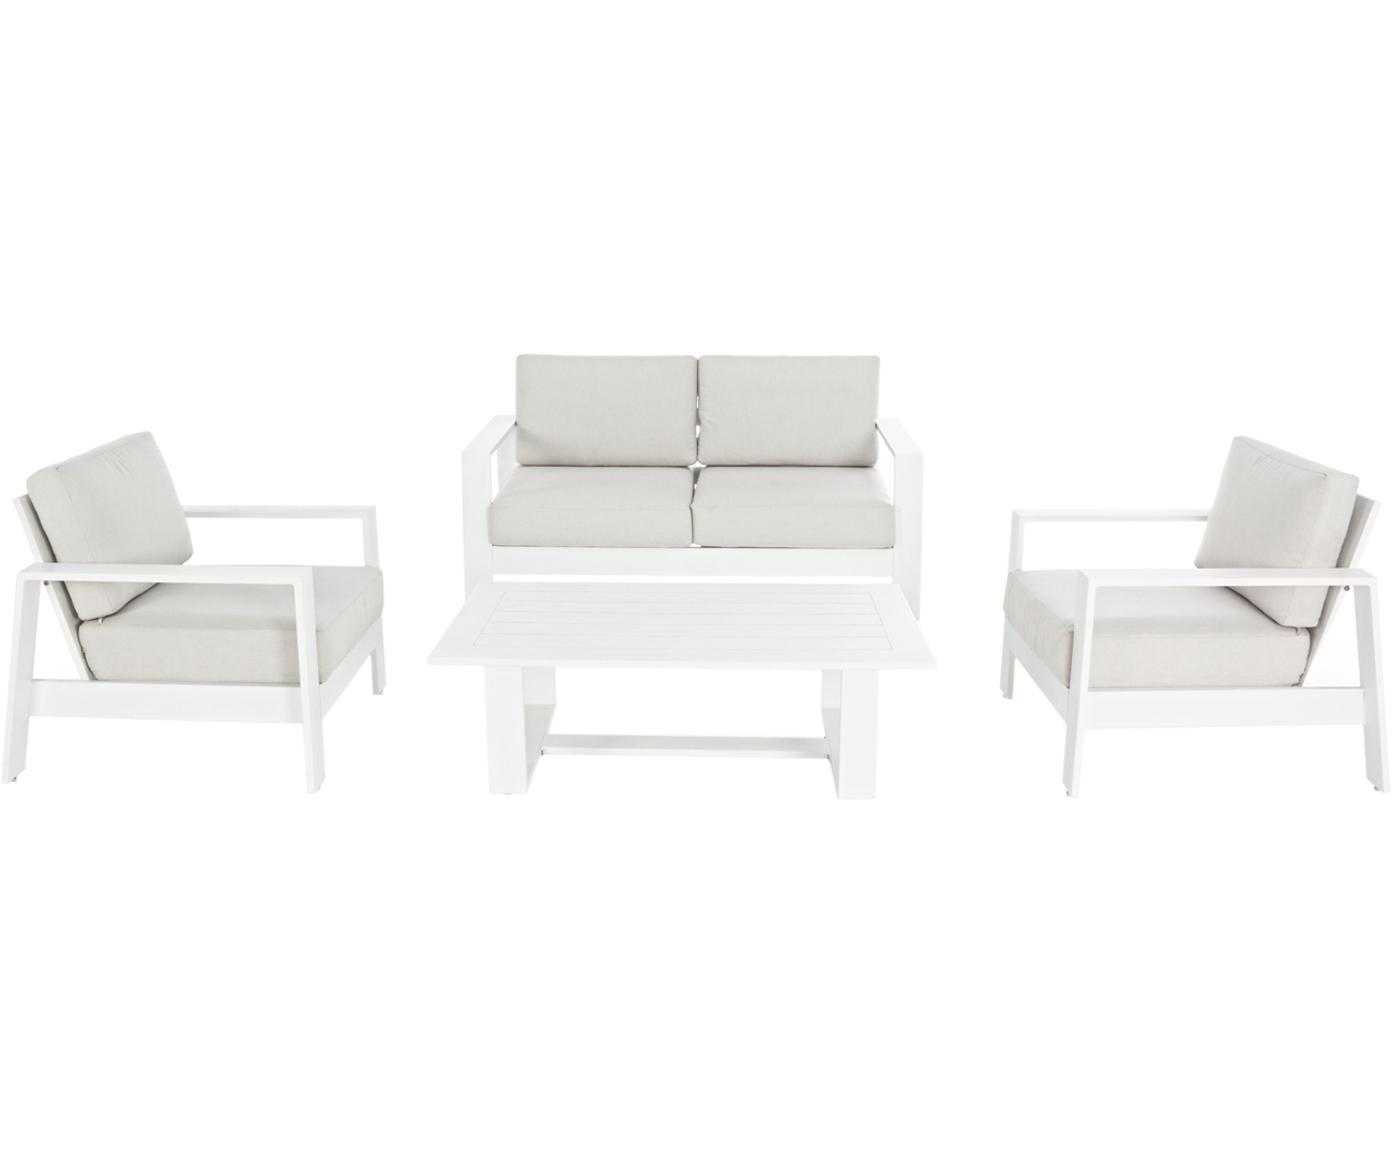 Salotto da giardino Atlantic 4 pz, Struttura: alluminio verniciato a po, Rivestimento: poliestere, Bianco, grigio chiaro, Diverse dimensioni